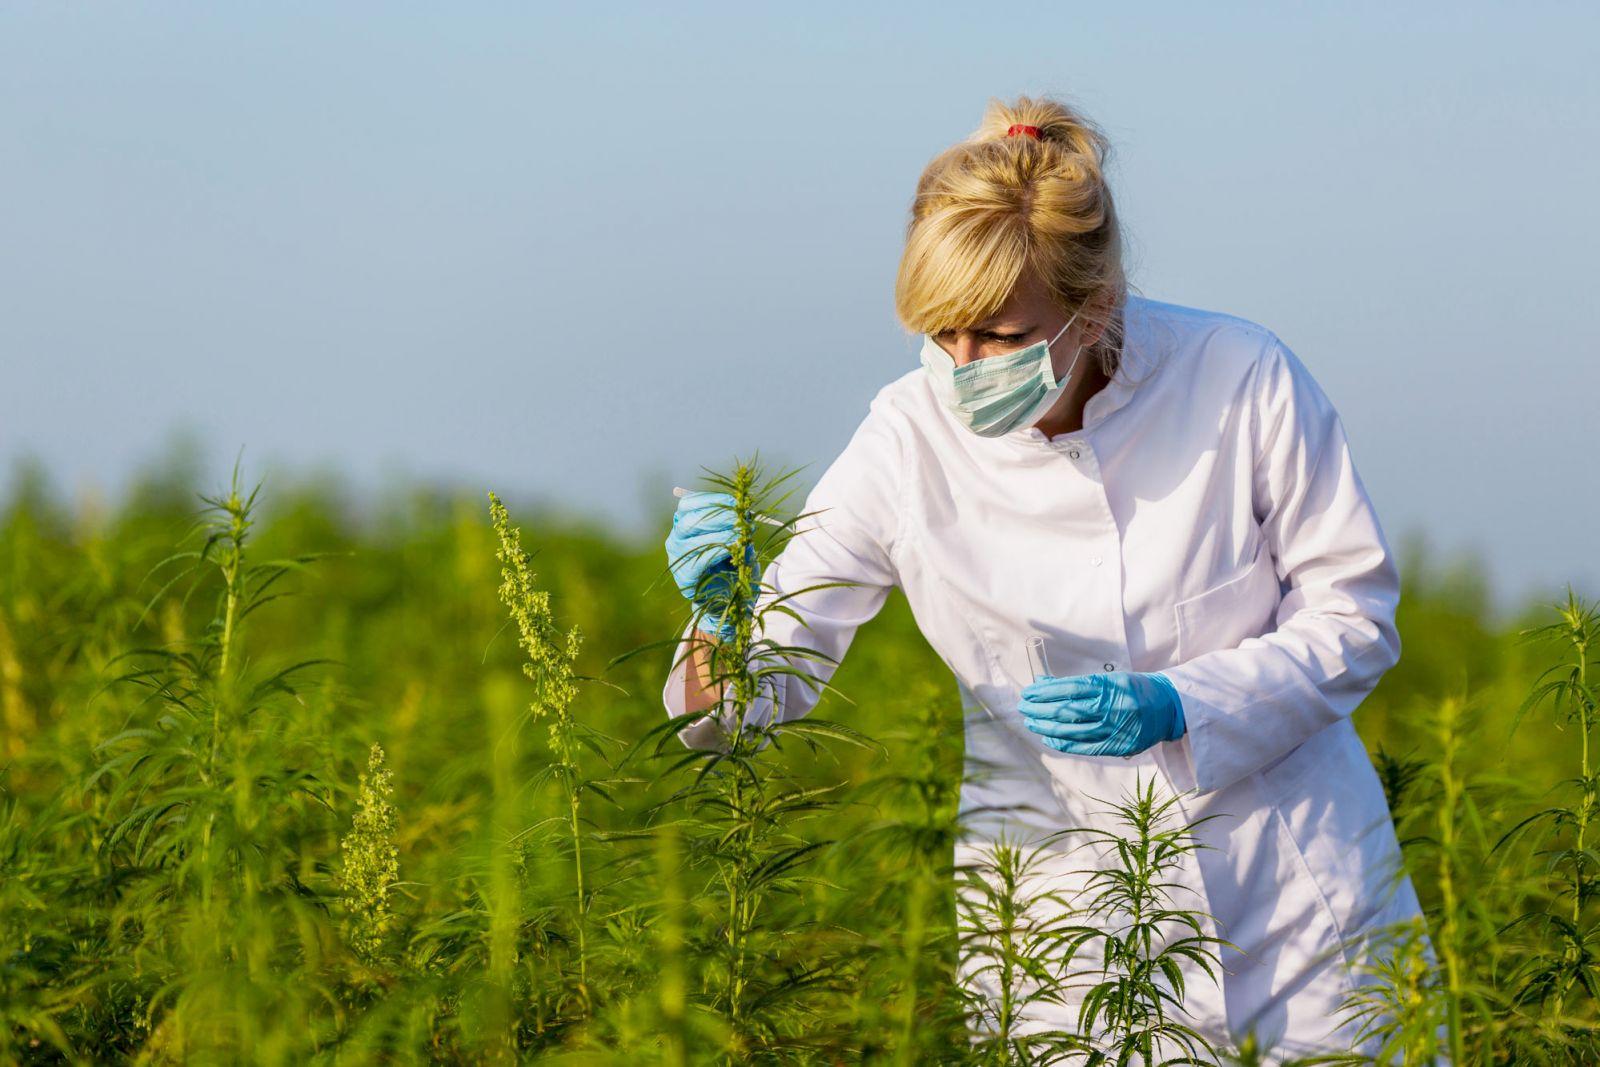 Wissenschaftlerin untersucht Hanfpflanzen